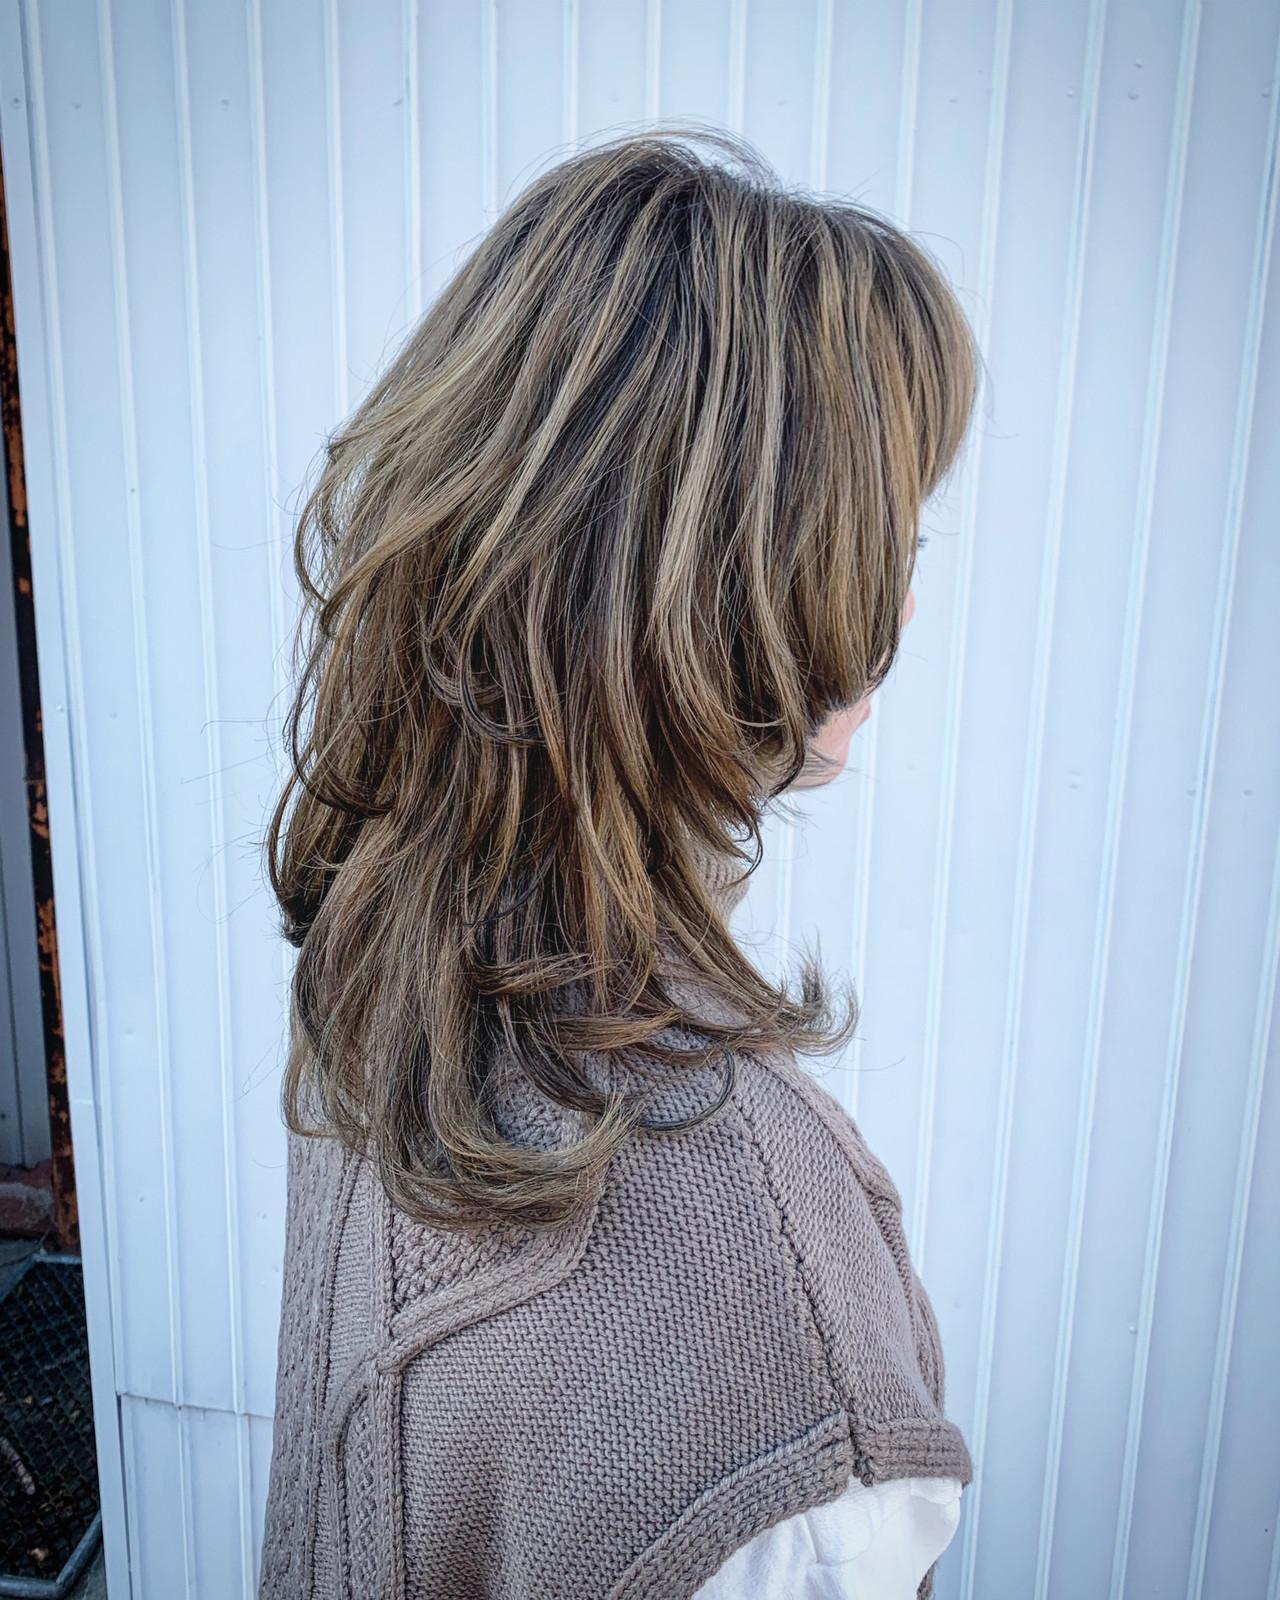 インナーカラー ウルフカット ミディアム ラベージュ ヘアスタイルや髪型の写真・画像